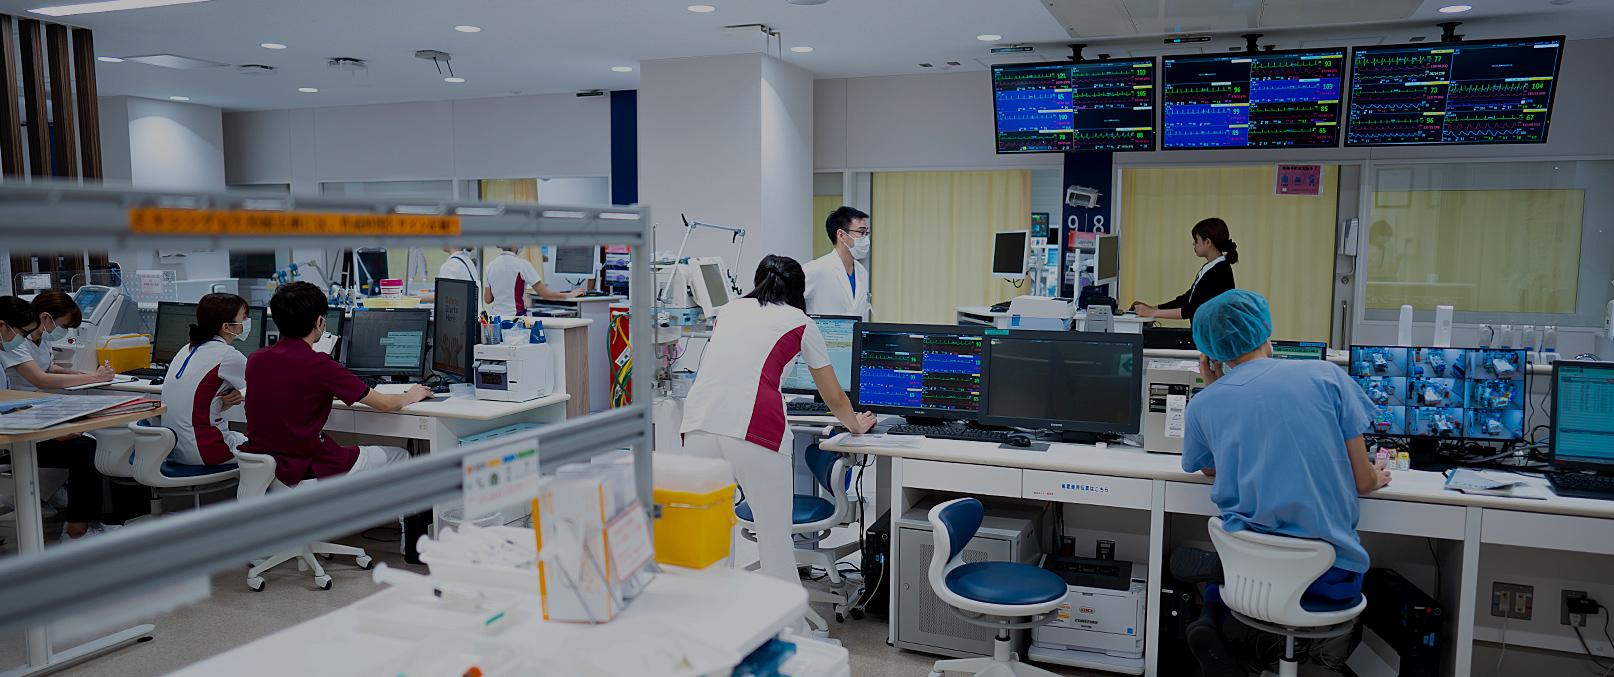 自治医科大学附属さいたま医療センター 集中治療部